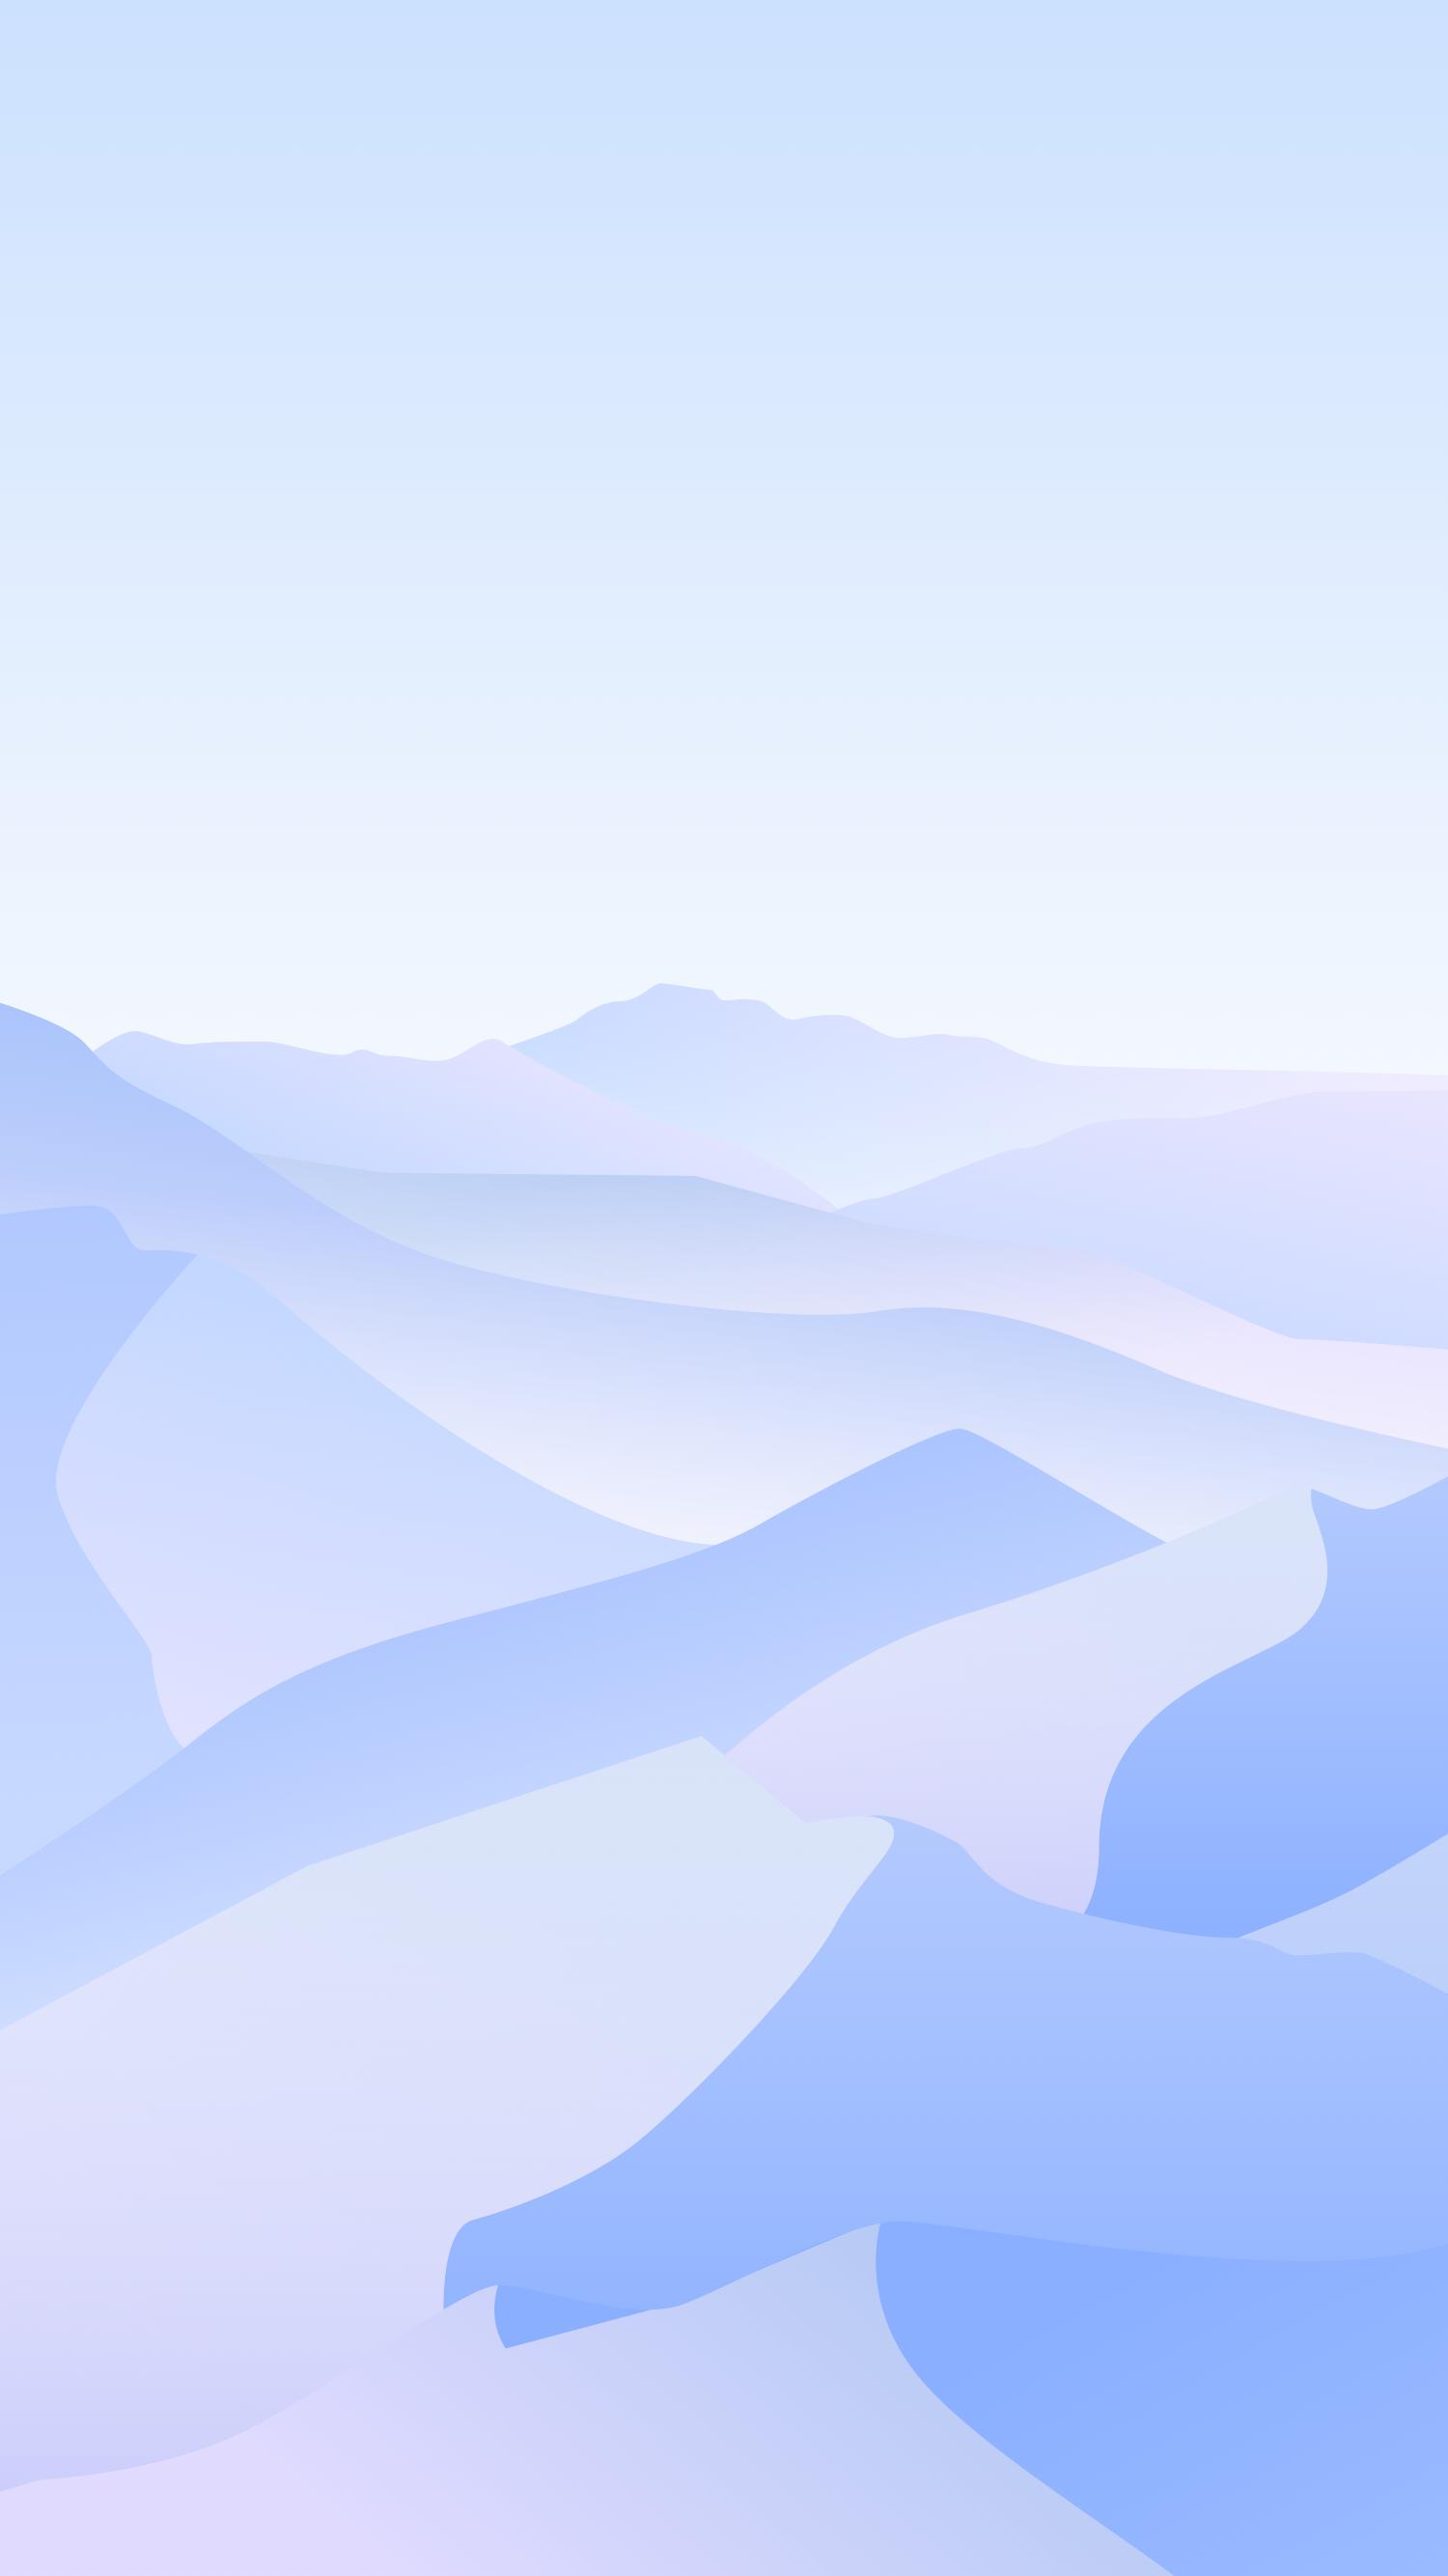 Ipad Wallpaper Minimalist Pastel